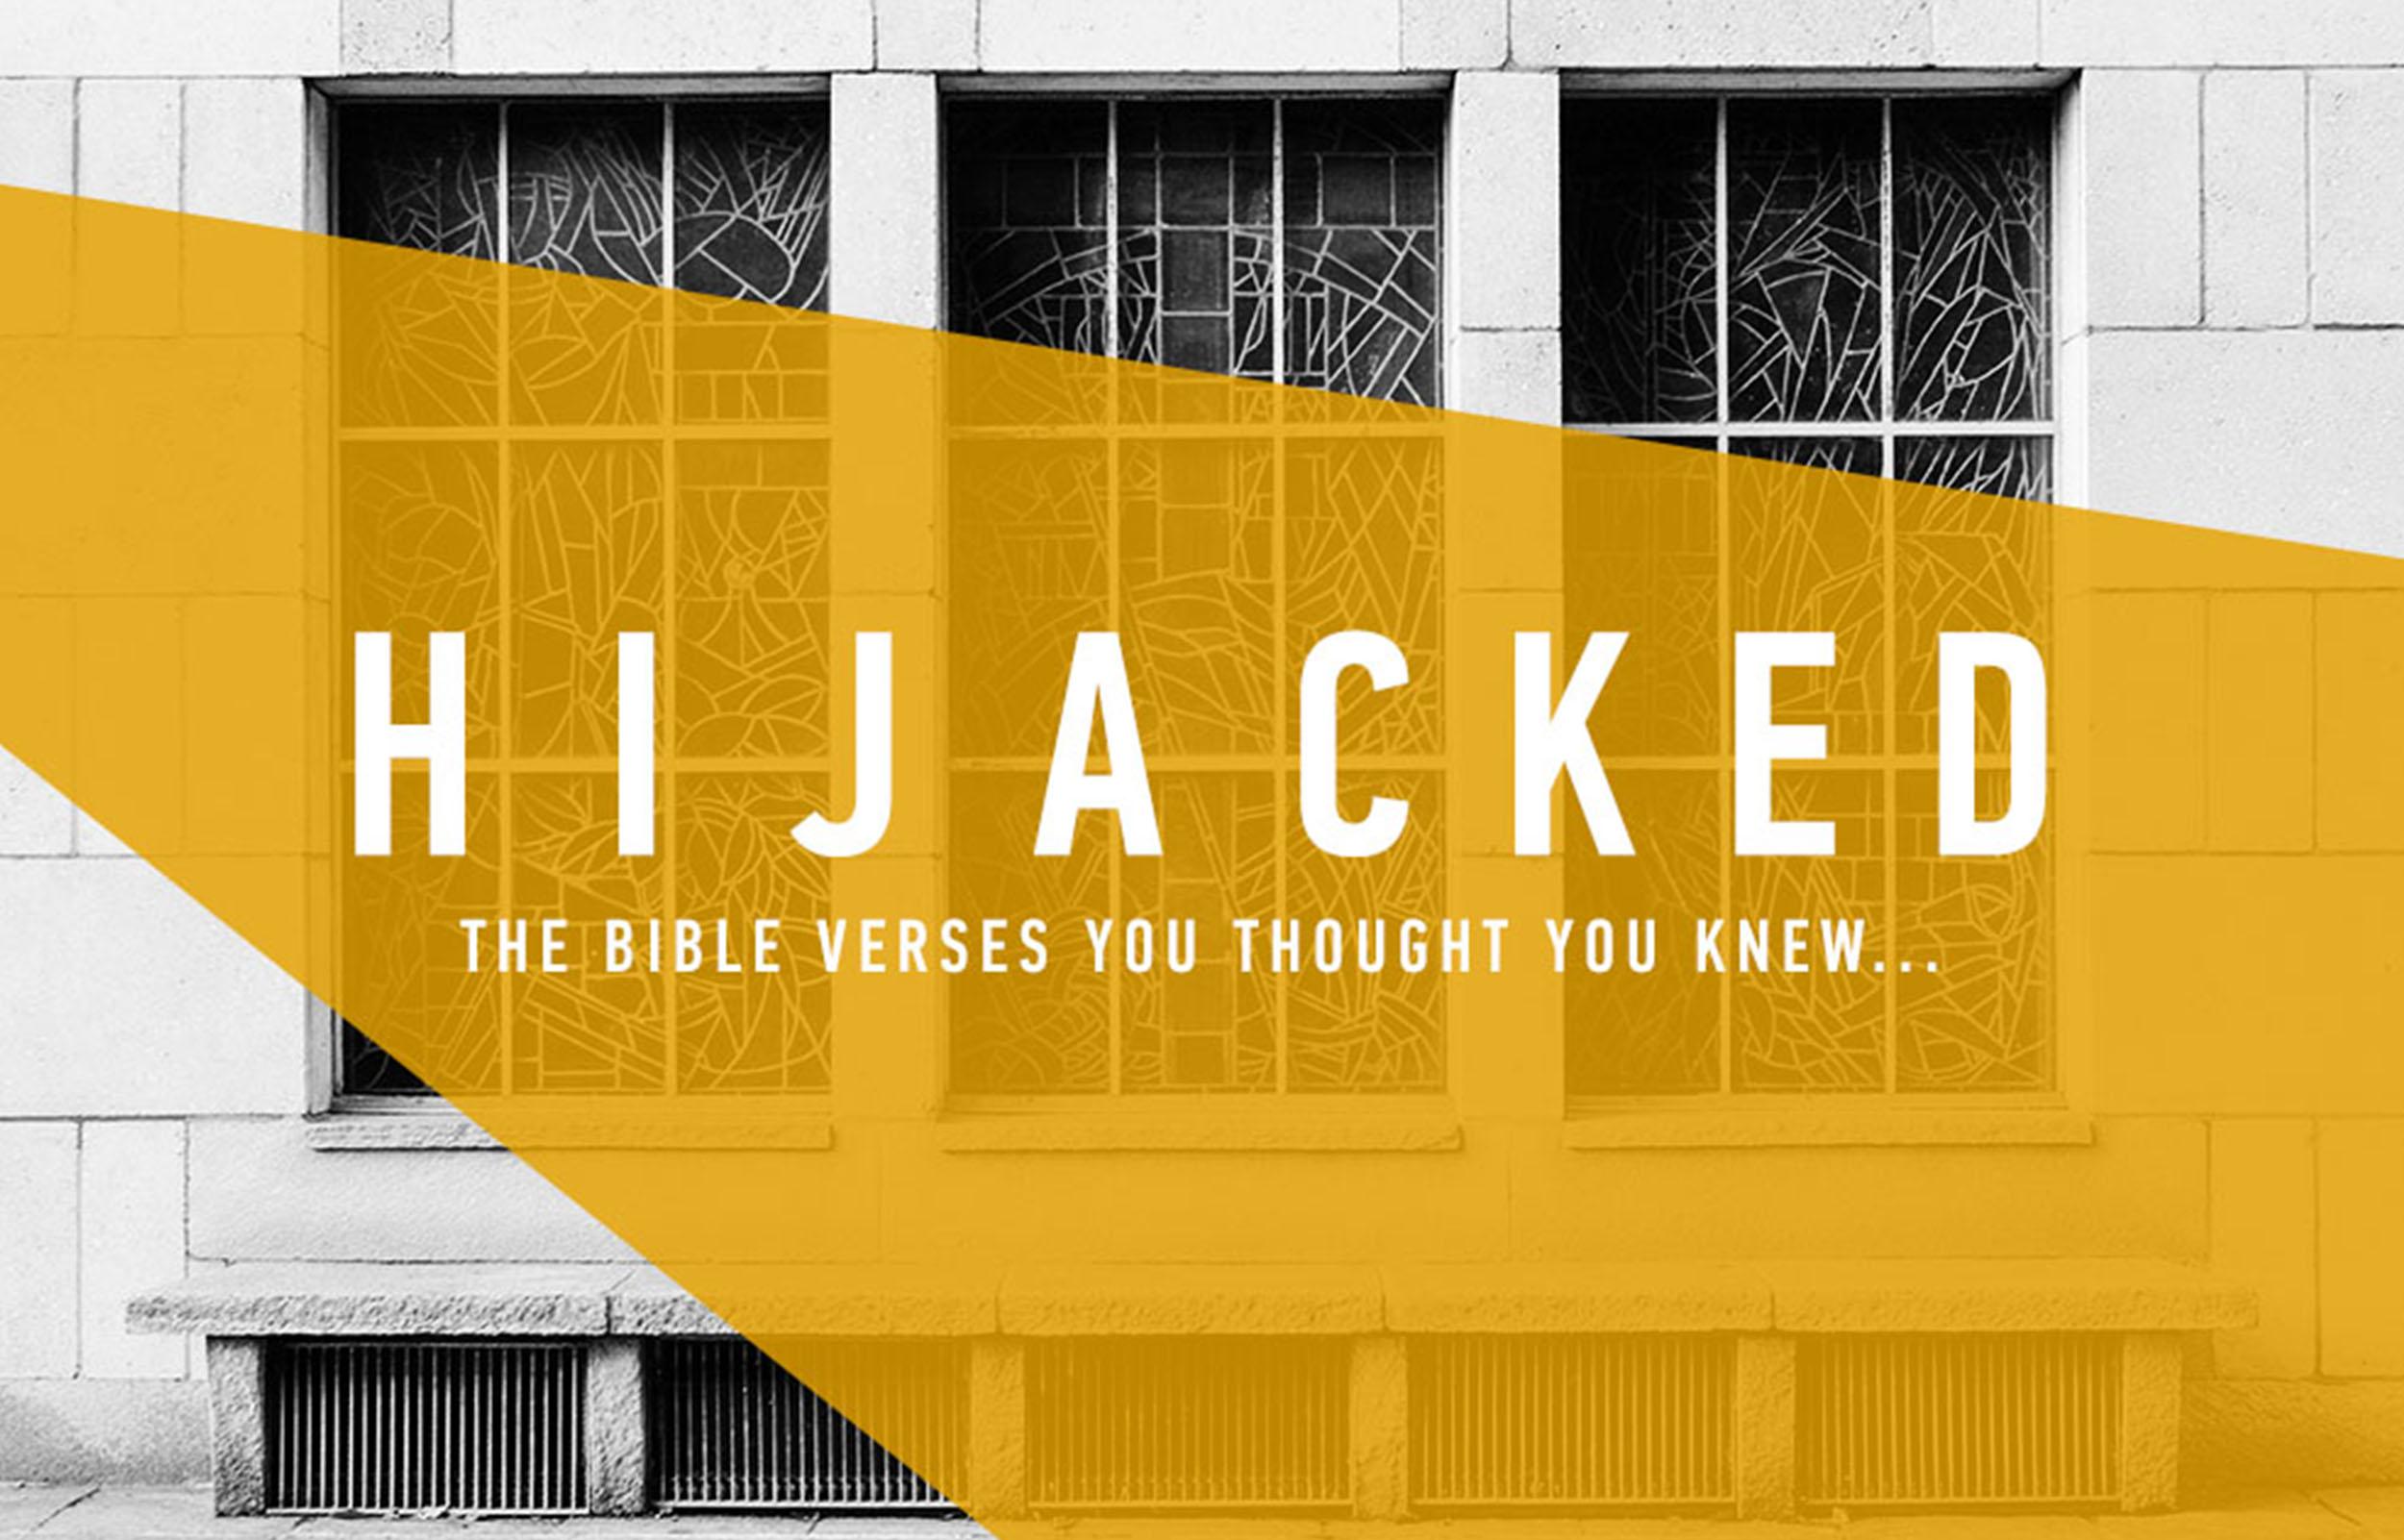 hijackedblog